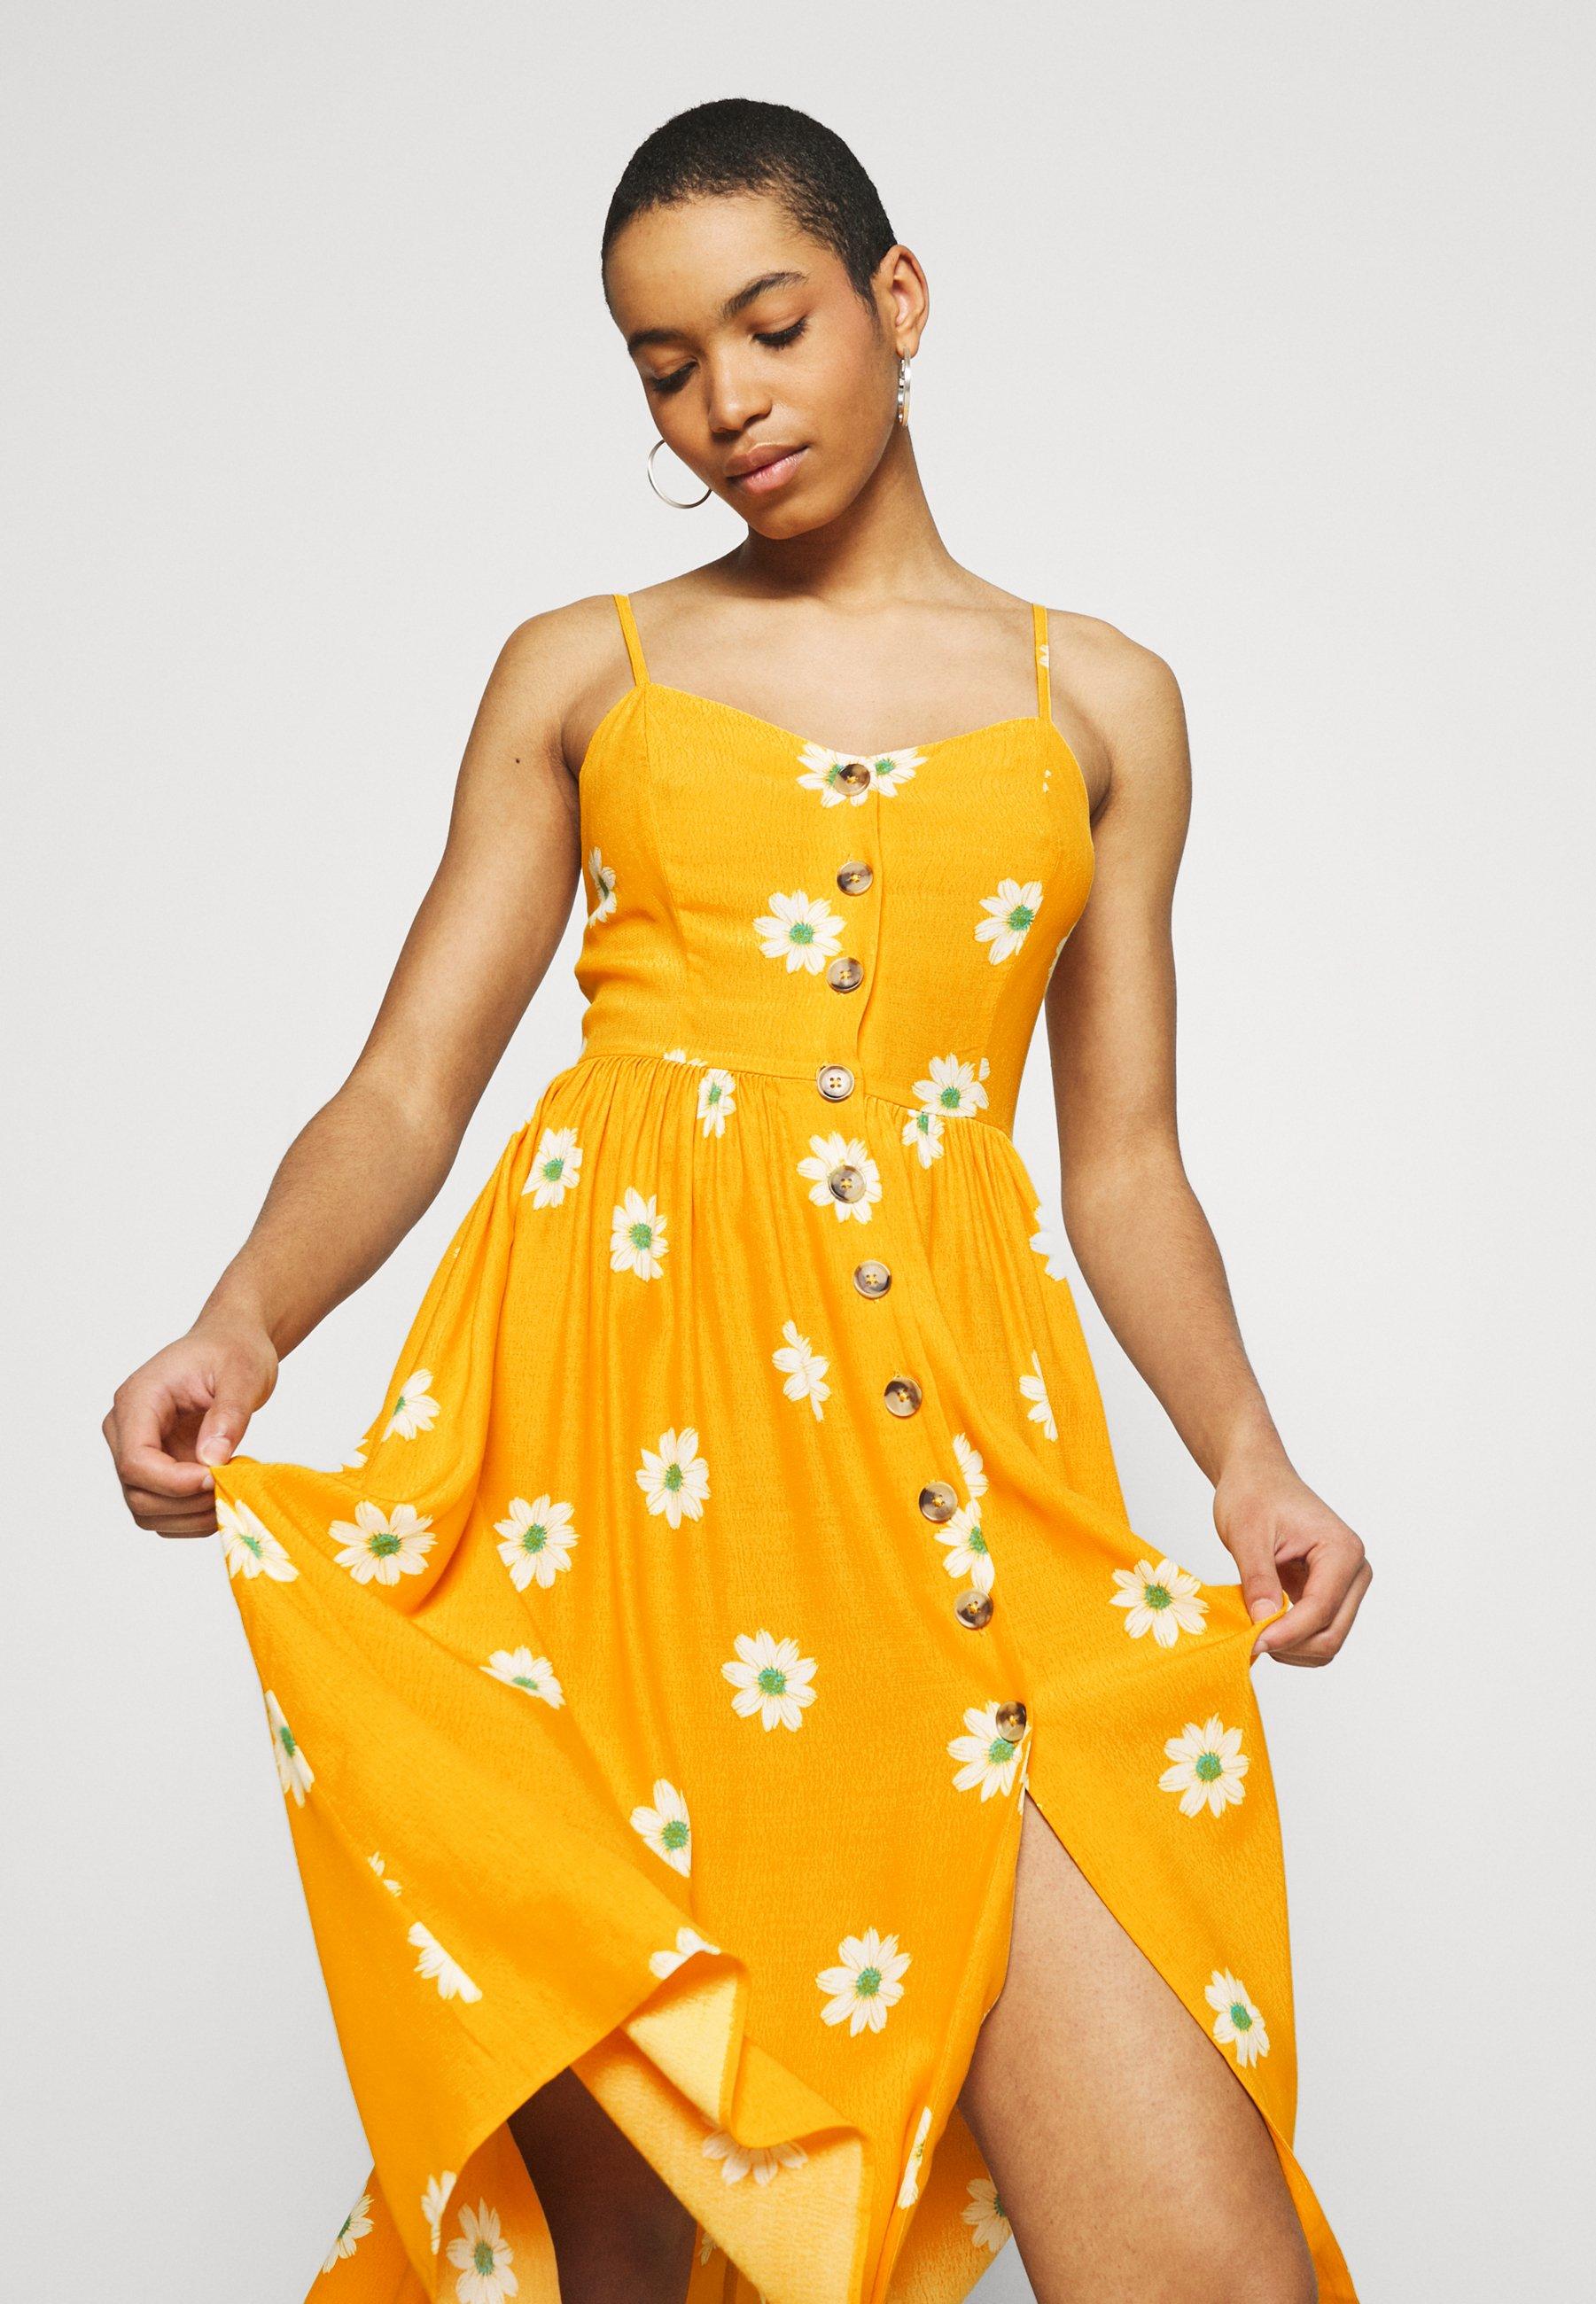 Button Dress,button dress,